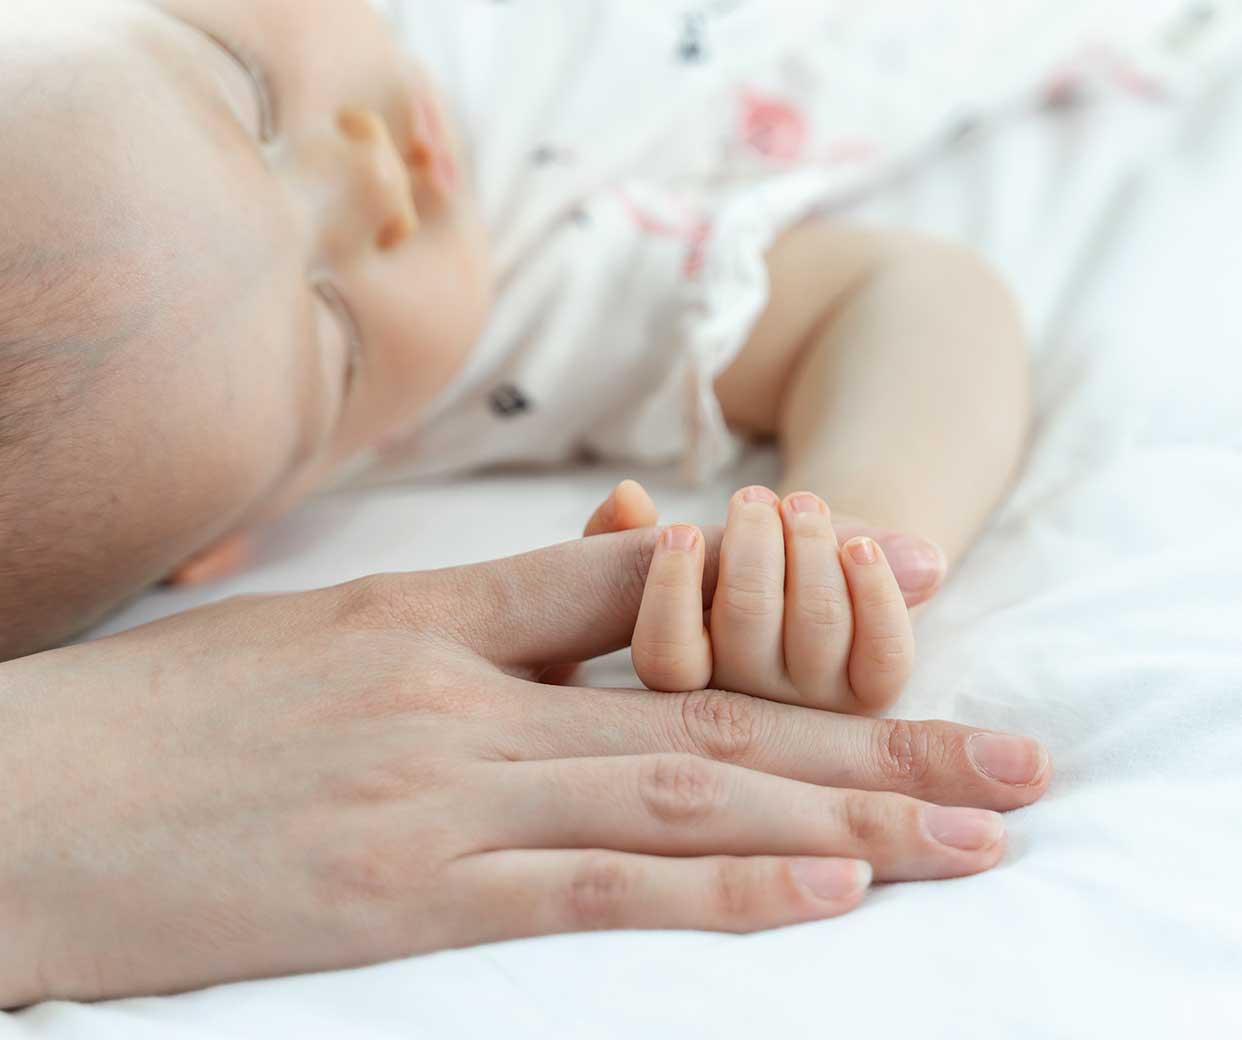 A Milano una mamma ha soffocato la figlia di due anni: perché quando una mamma sta male fingiamo di non vedere?